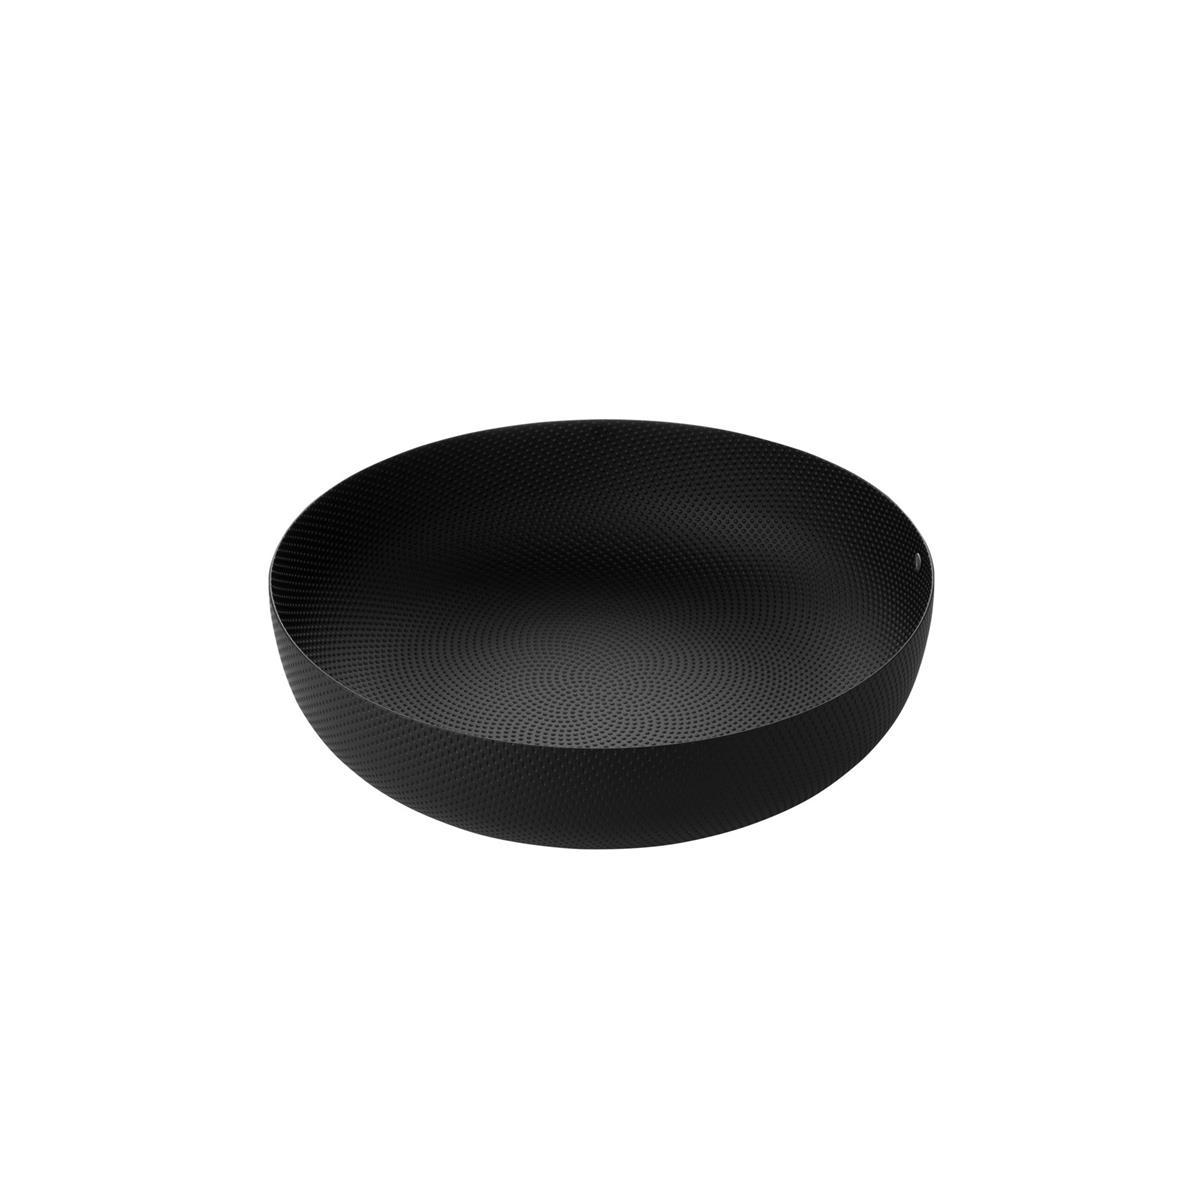 Alessi-Cestino rotondo in acciaio colorato e resina, nero con decoro a rilievo